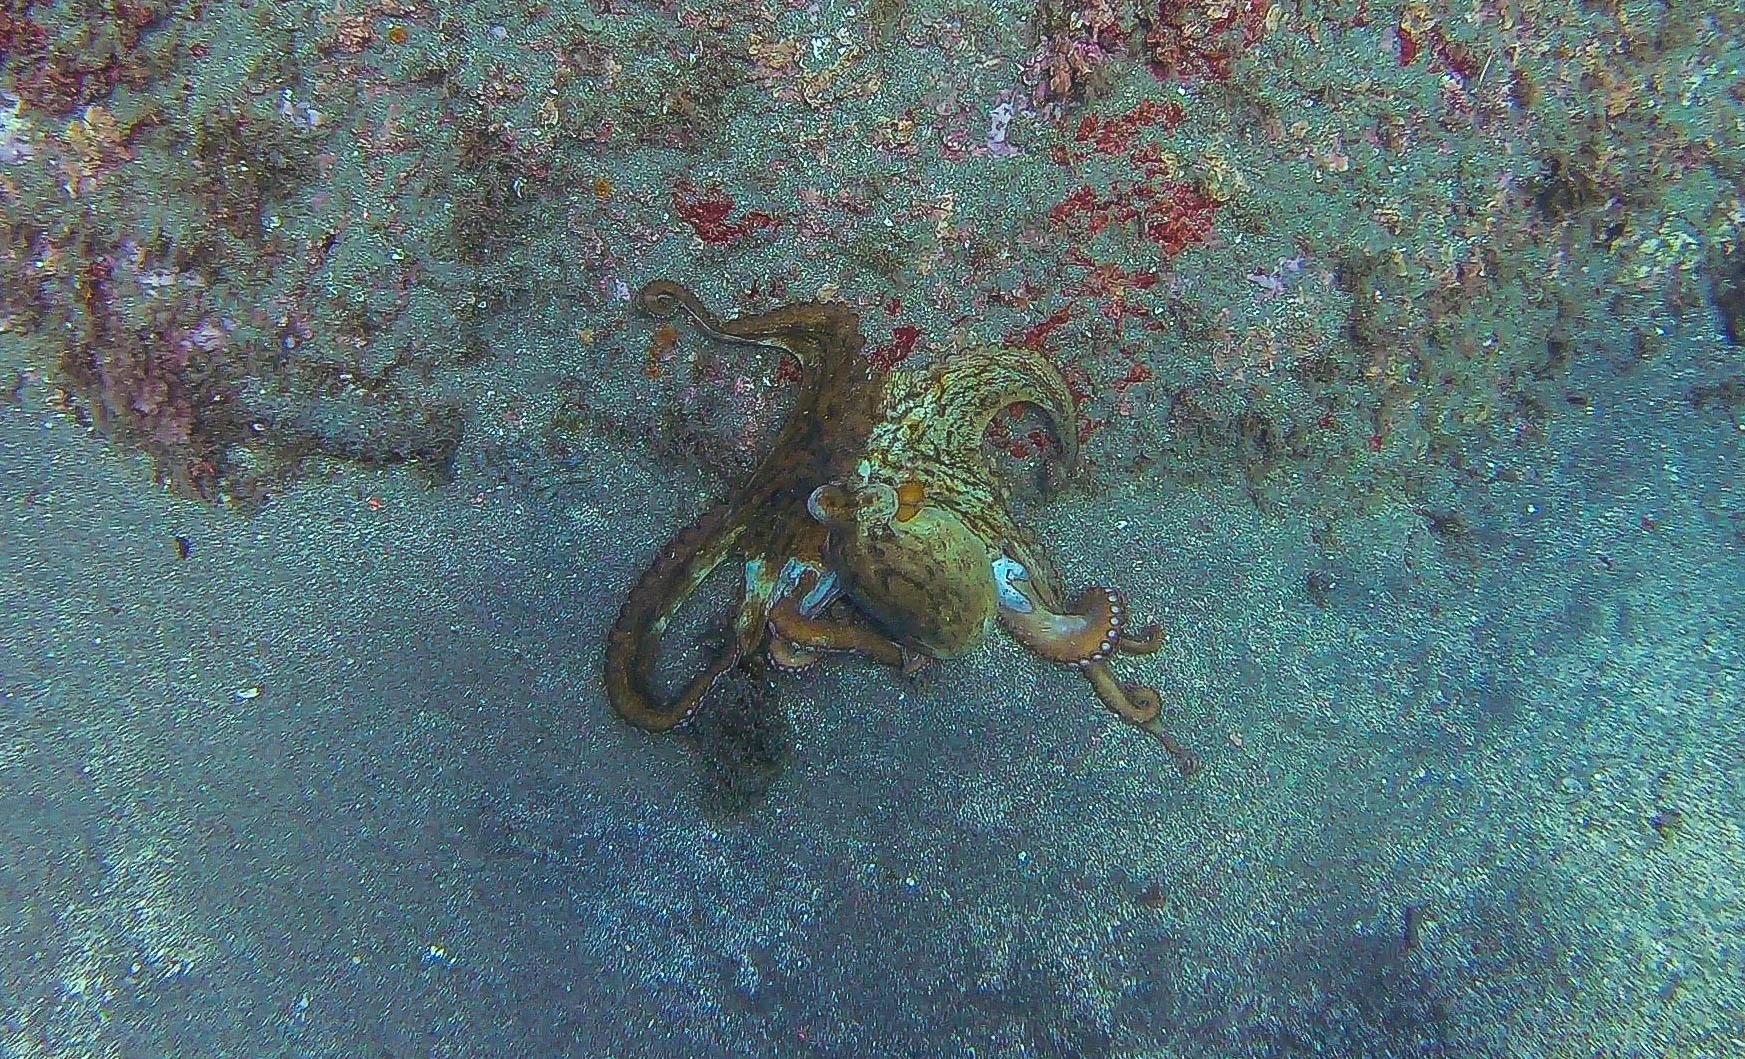 Octopus - Marina del Este, La Herradura, Espagne